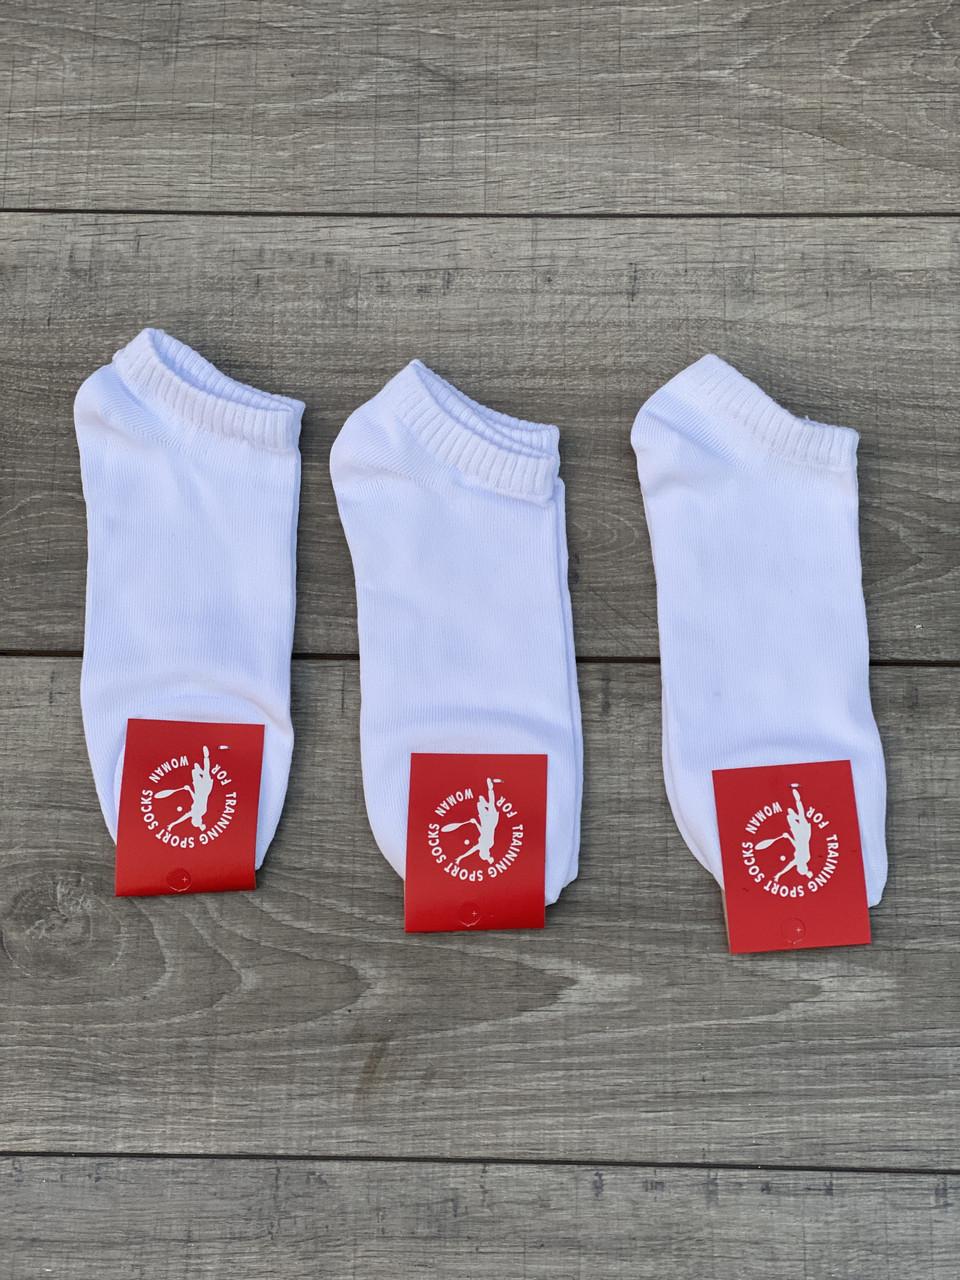 Женские носки Sport Sock носки стрейчевые короткие размер 36-39 12 шт в уп Белые